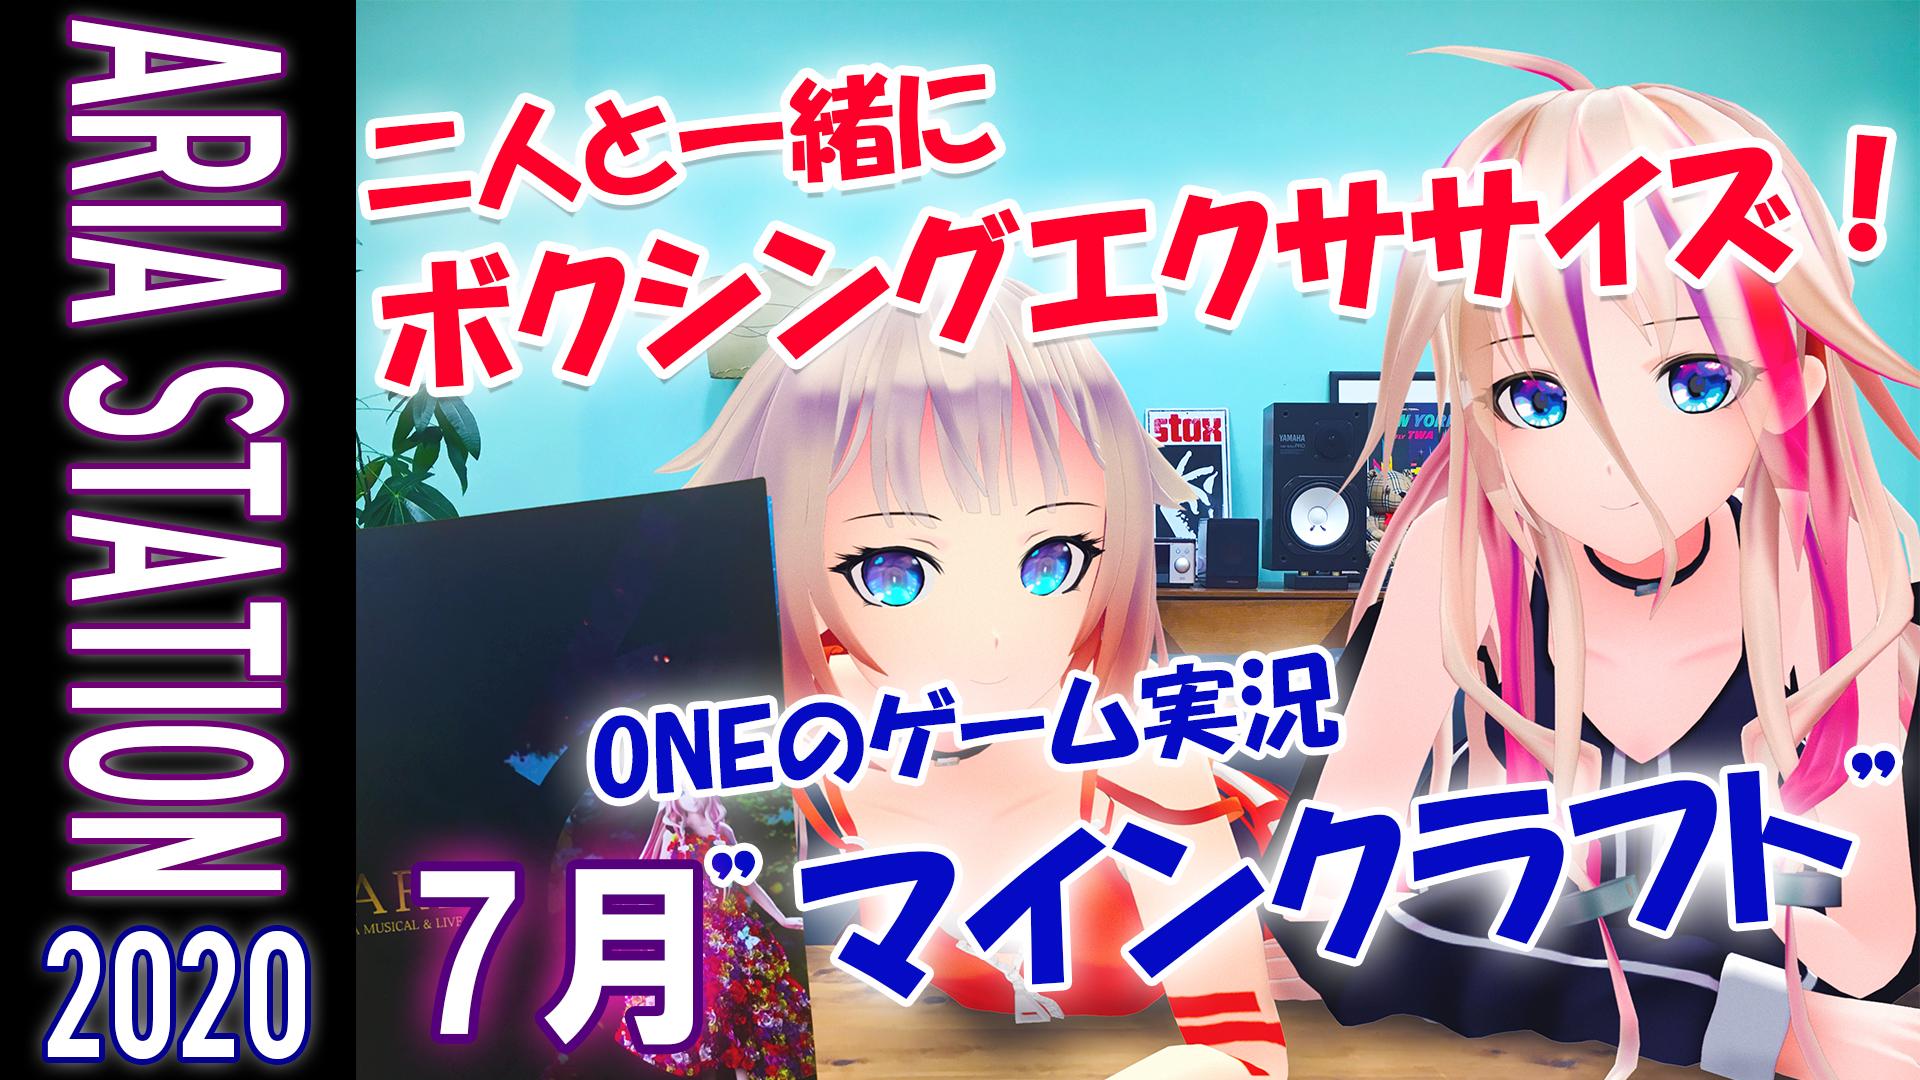 ARIA STATION July 2020 「二人と一緒にボクササイズ!ONEは初のマイクラ実況にもチャレンジ!」